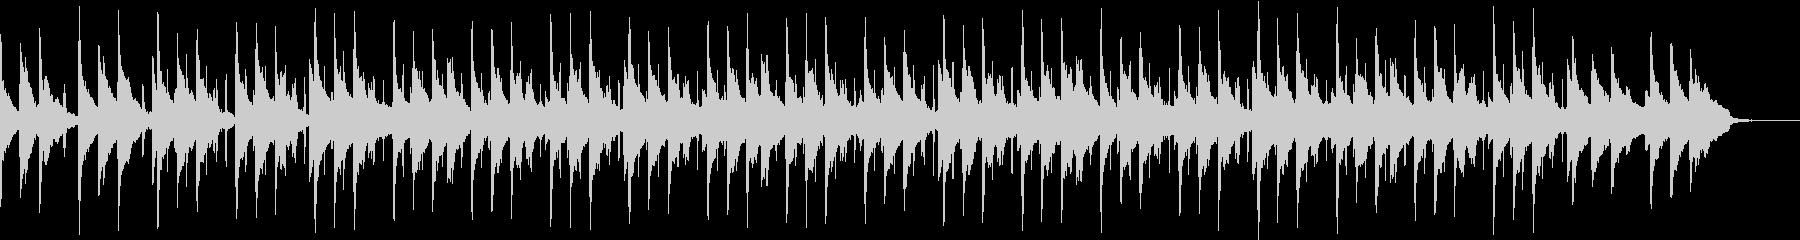 ローファイ、チルアウトの未再生の波形